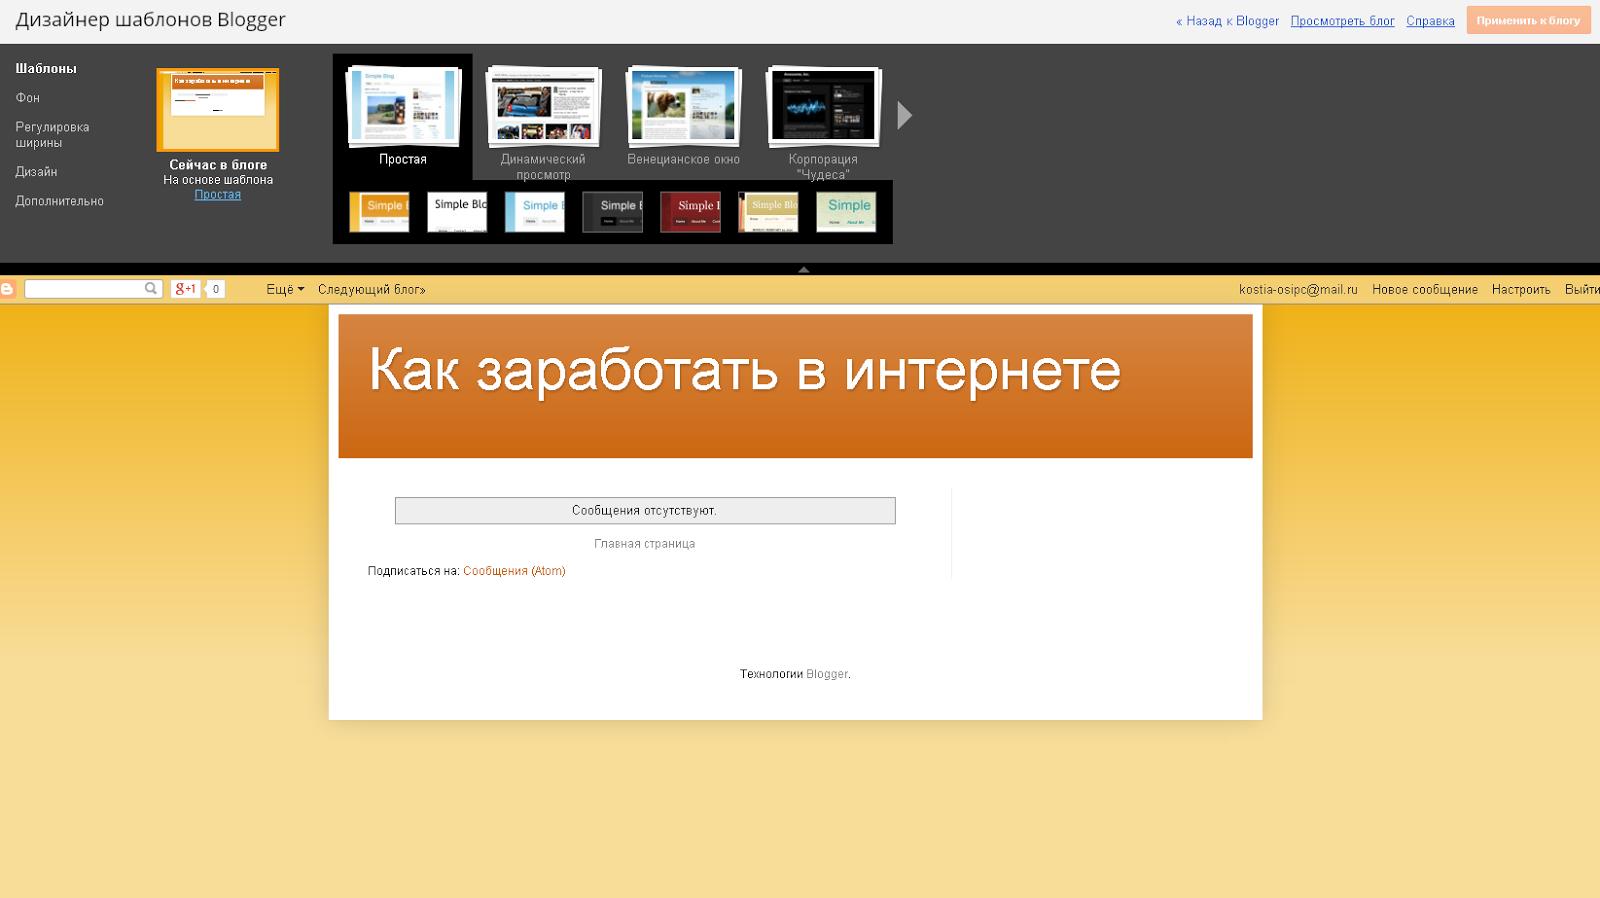 Дизайнер шаблонов Blogger